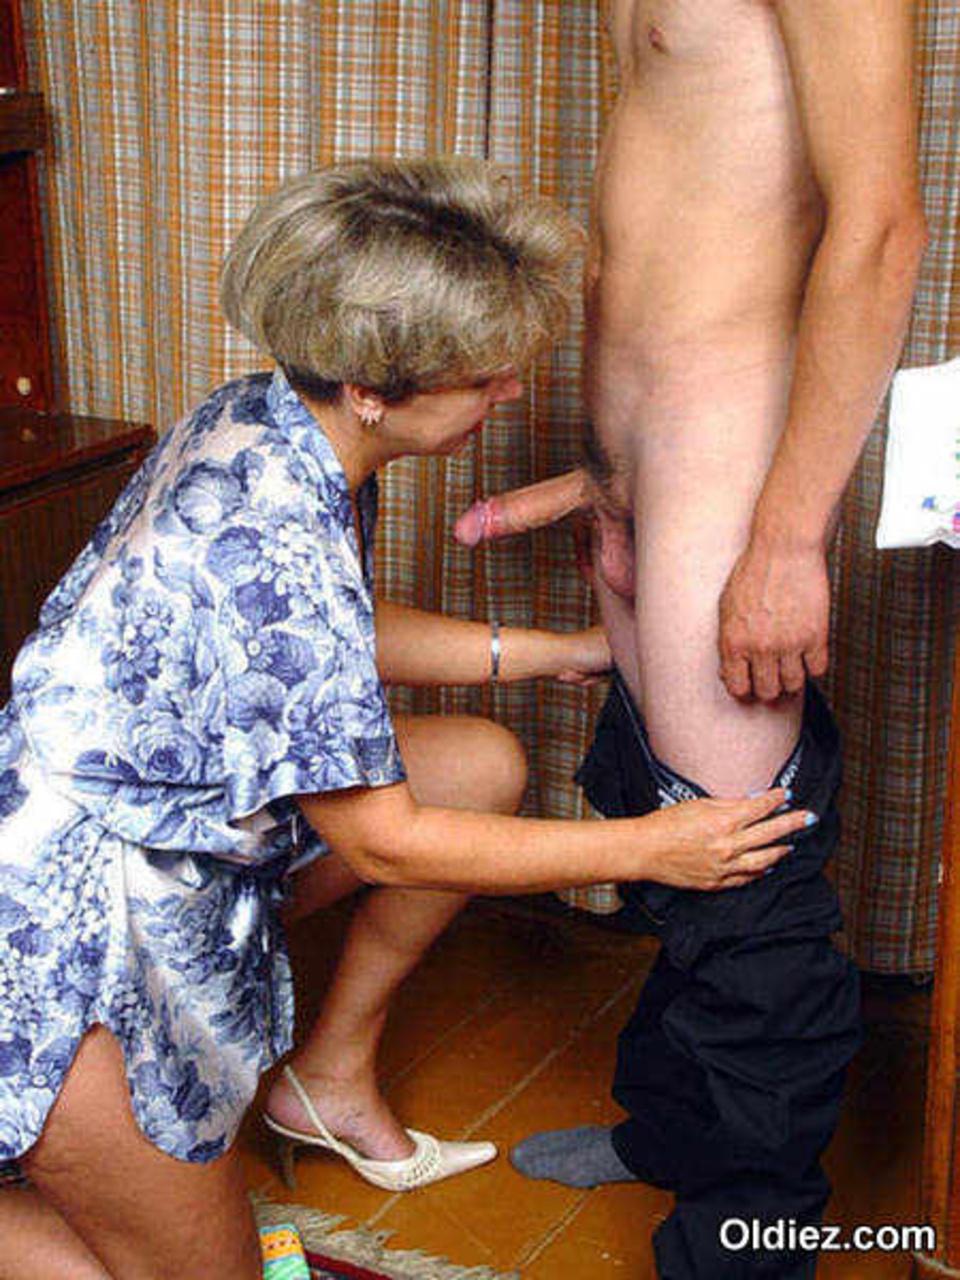 Члены сына мужа порно рассказ